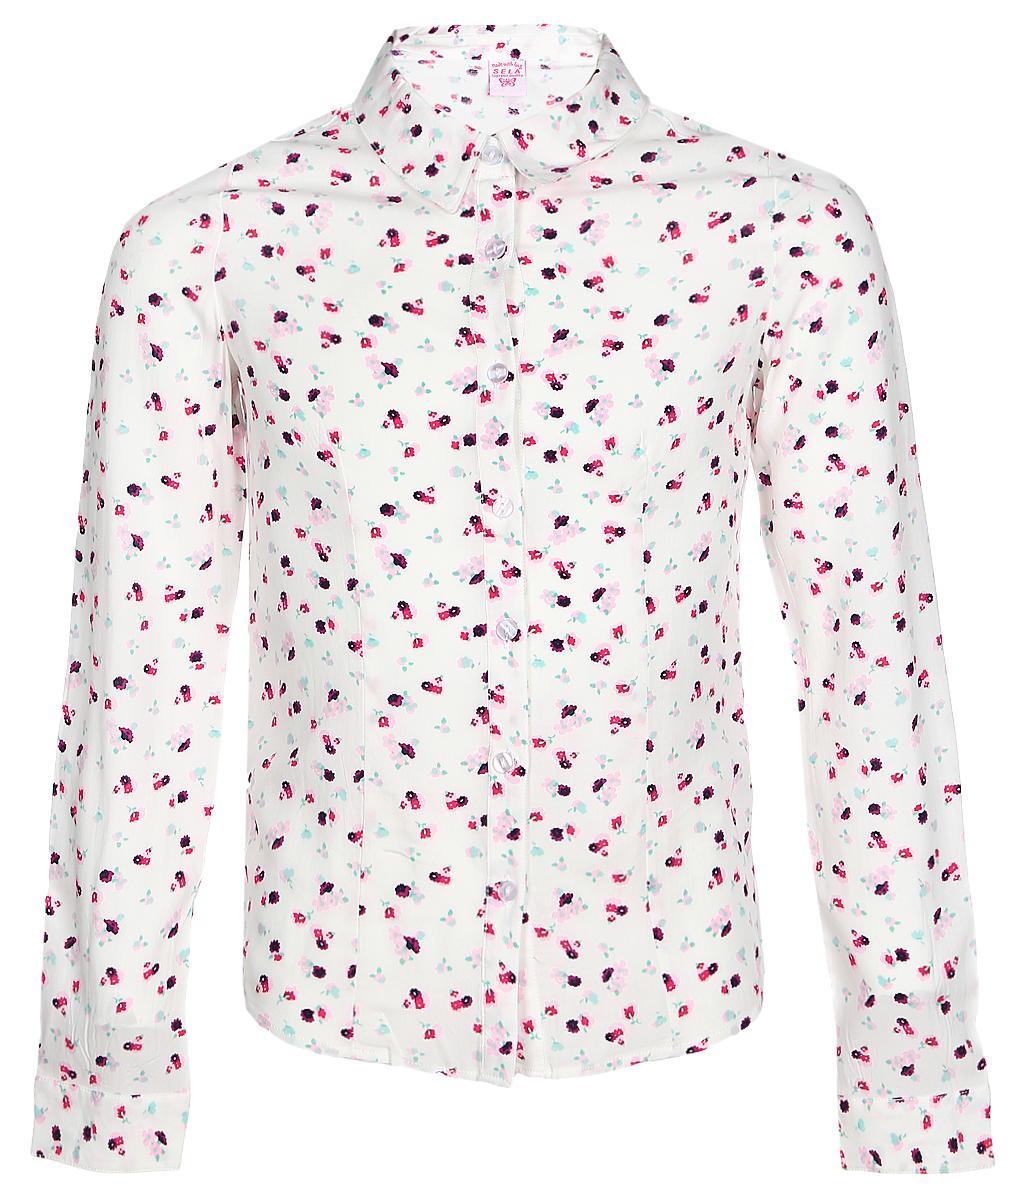 РубашкаB-612/844-7131Рубашка для девочки Sela выполнена из натуральной вискозы. Рубашка с длинными рукавами и отложным воротником застегивается на пуговицы спереди. Манжеты рукавов также застегиваются на пуговицы. Рубашка оформлена ярким цветочным принтом.